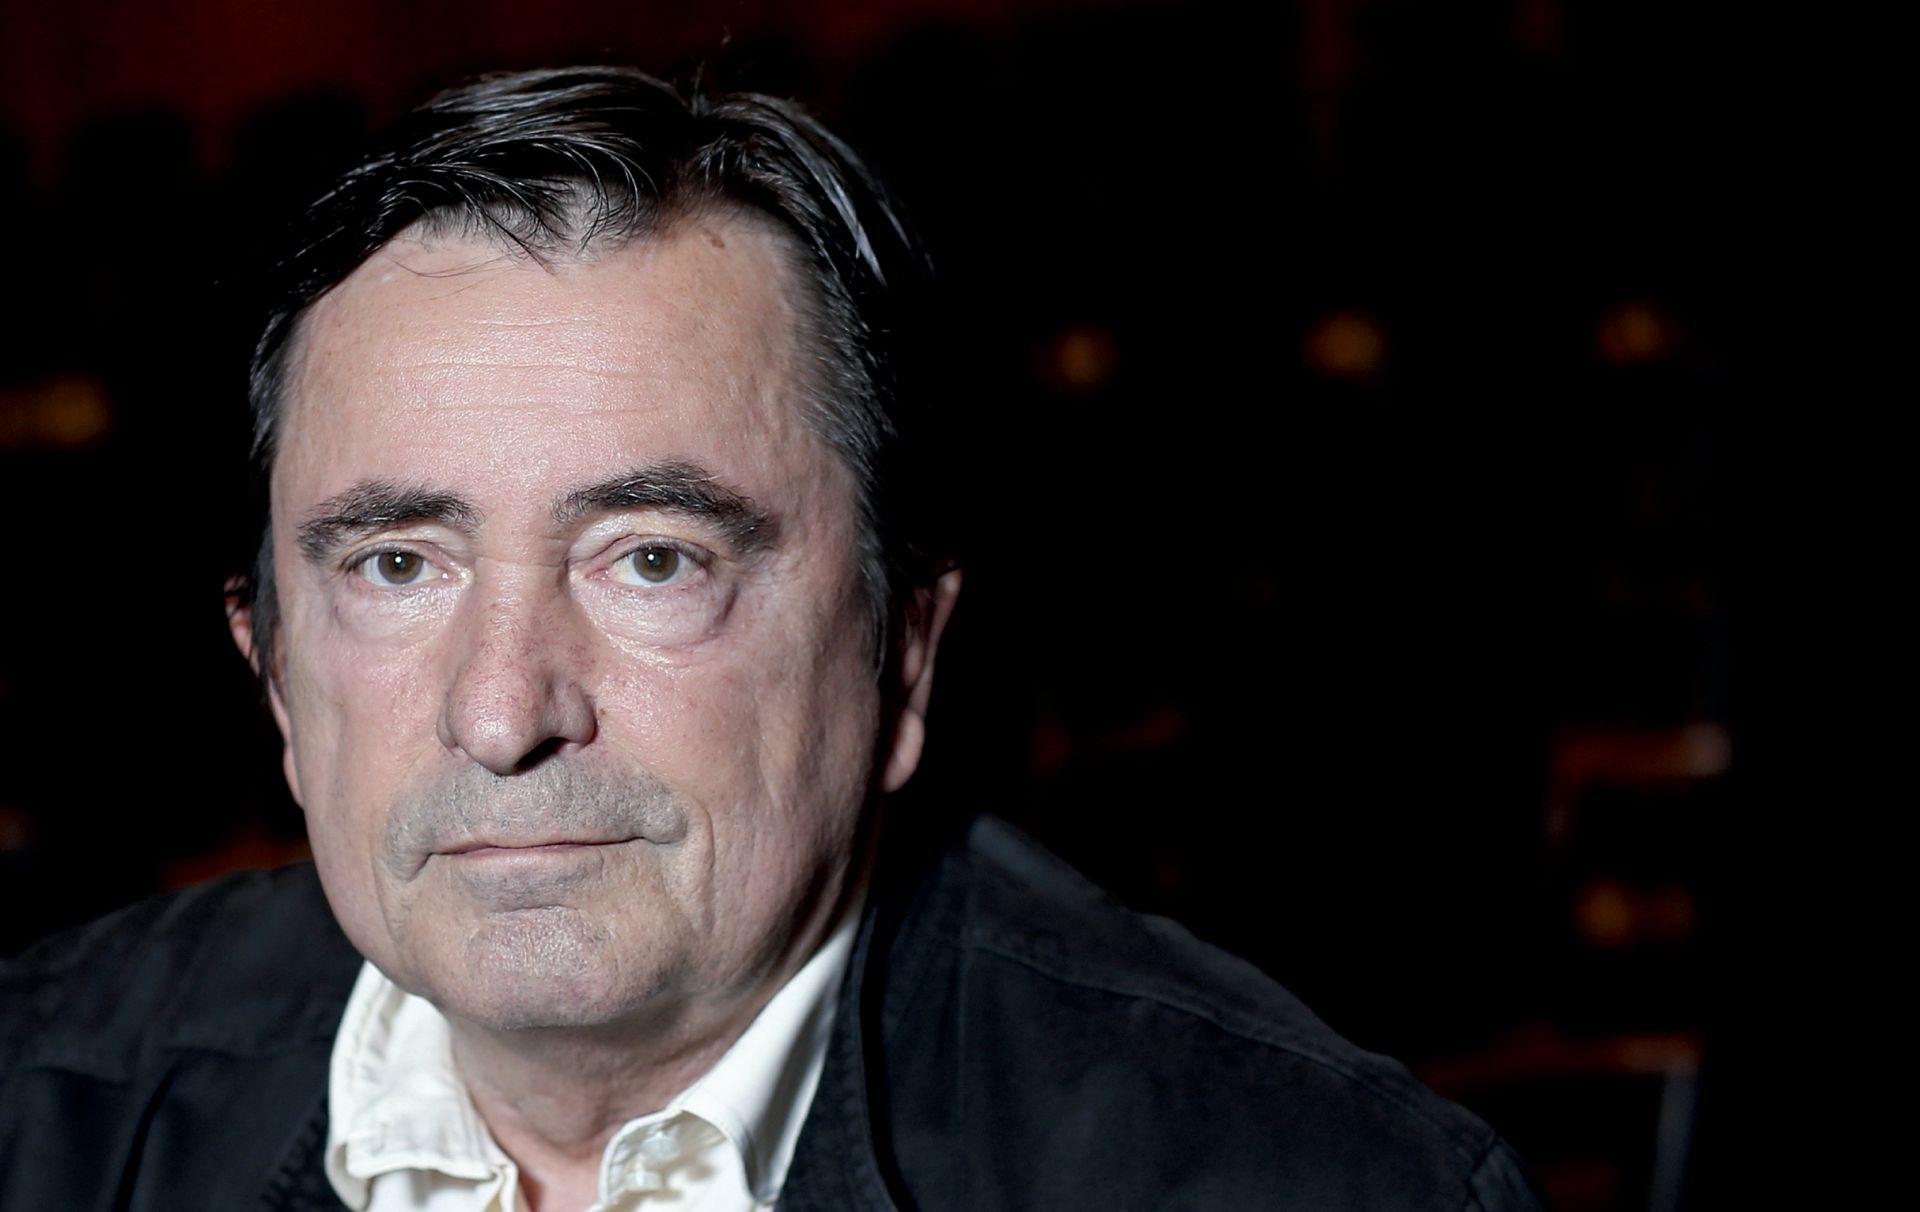 INTERVIEW: MILAN GUTOVIĆ 'Elite naših državica ugrabile su položaj pa im je važno da sve ostane isto'